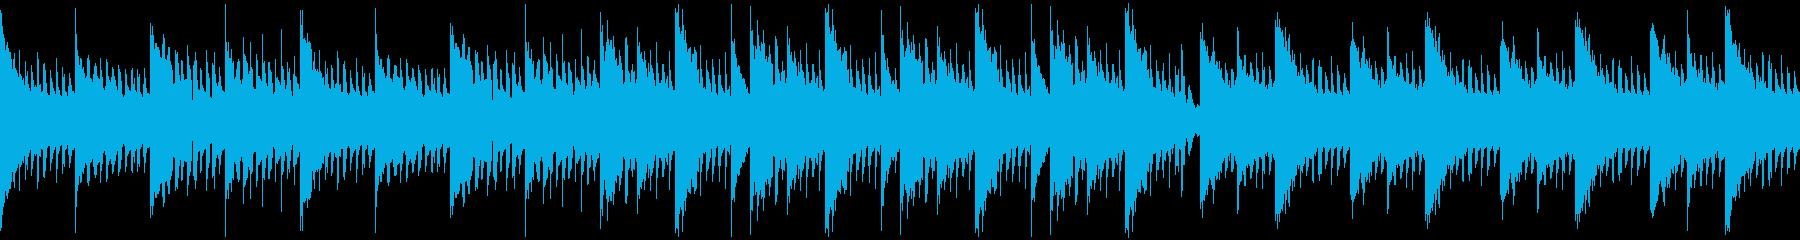 アコースティックセンチメンタル#01−2の再生済みの波形